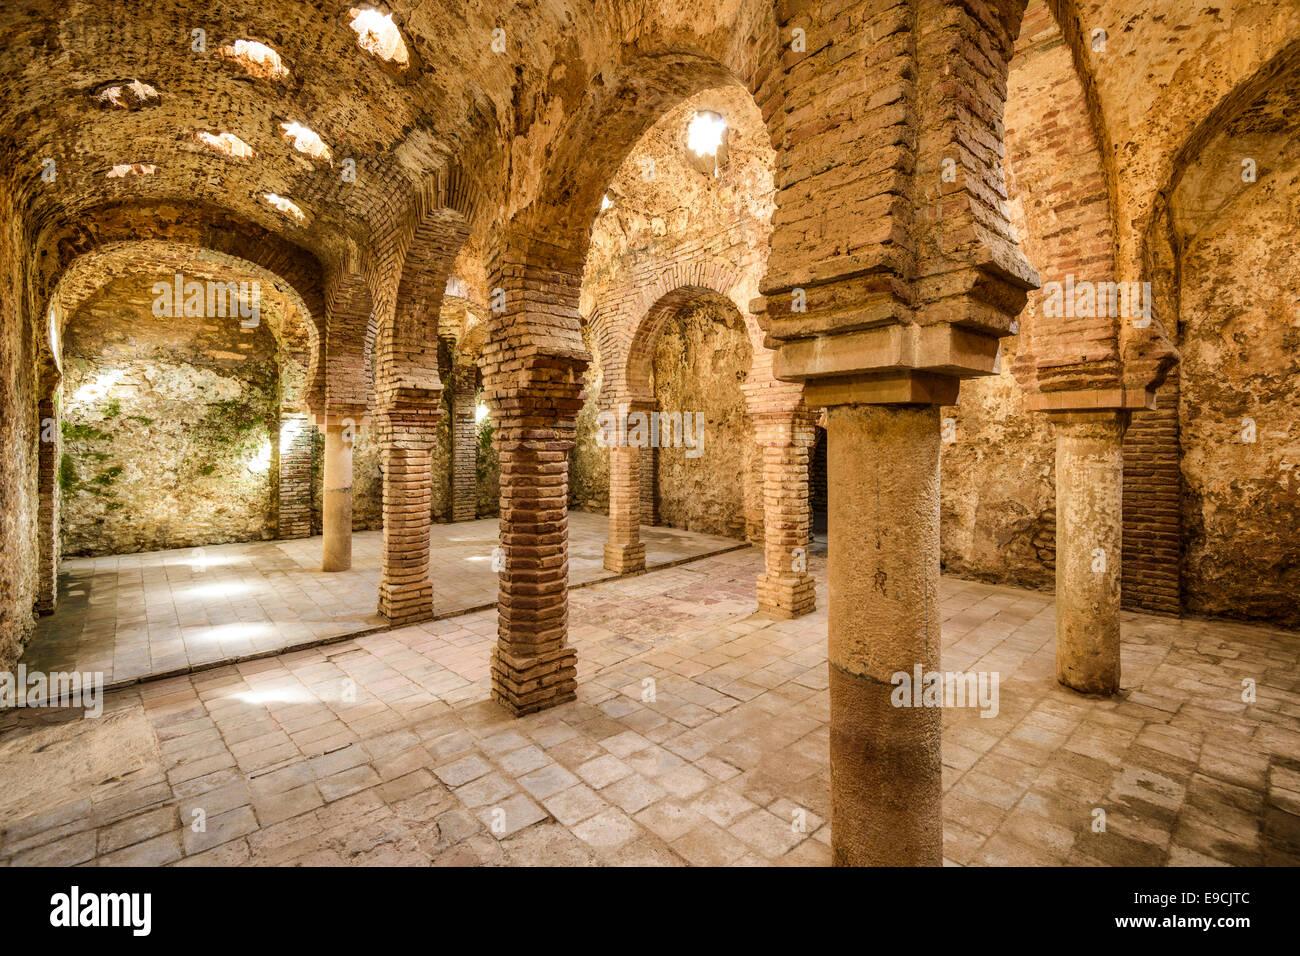 Ronda, España en los baños árabes que datan de los siglos 11th-12th. Imagen De Stock